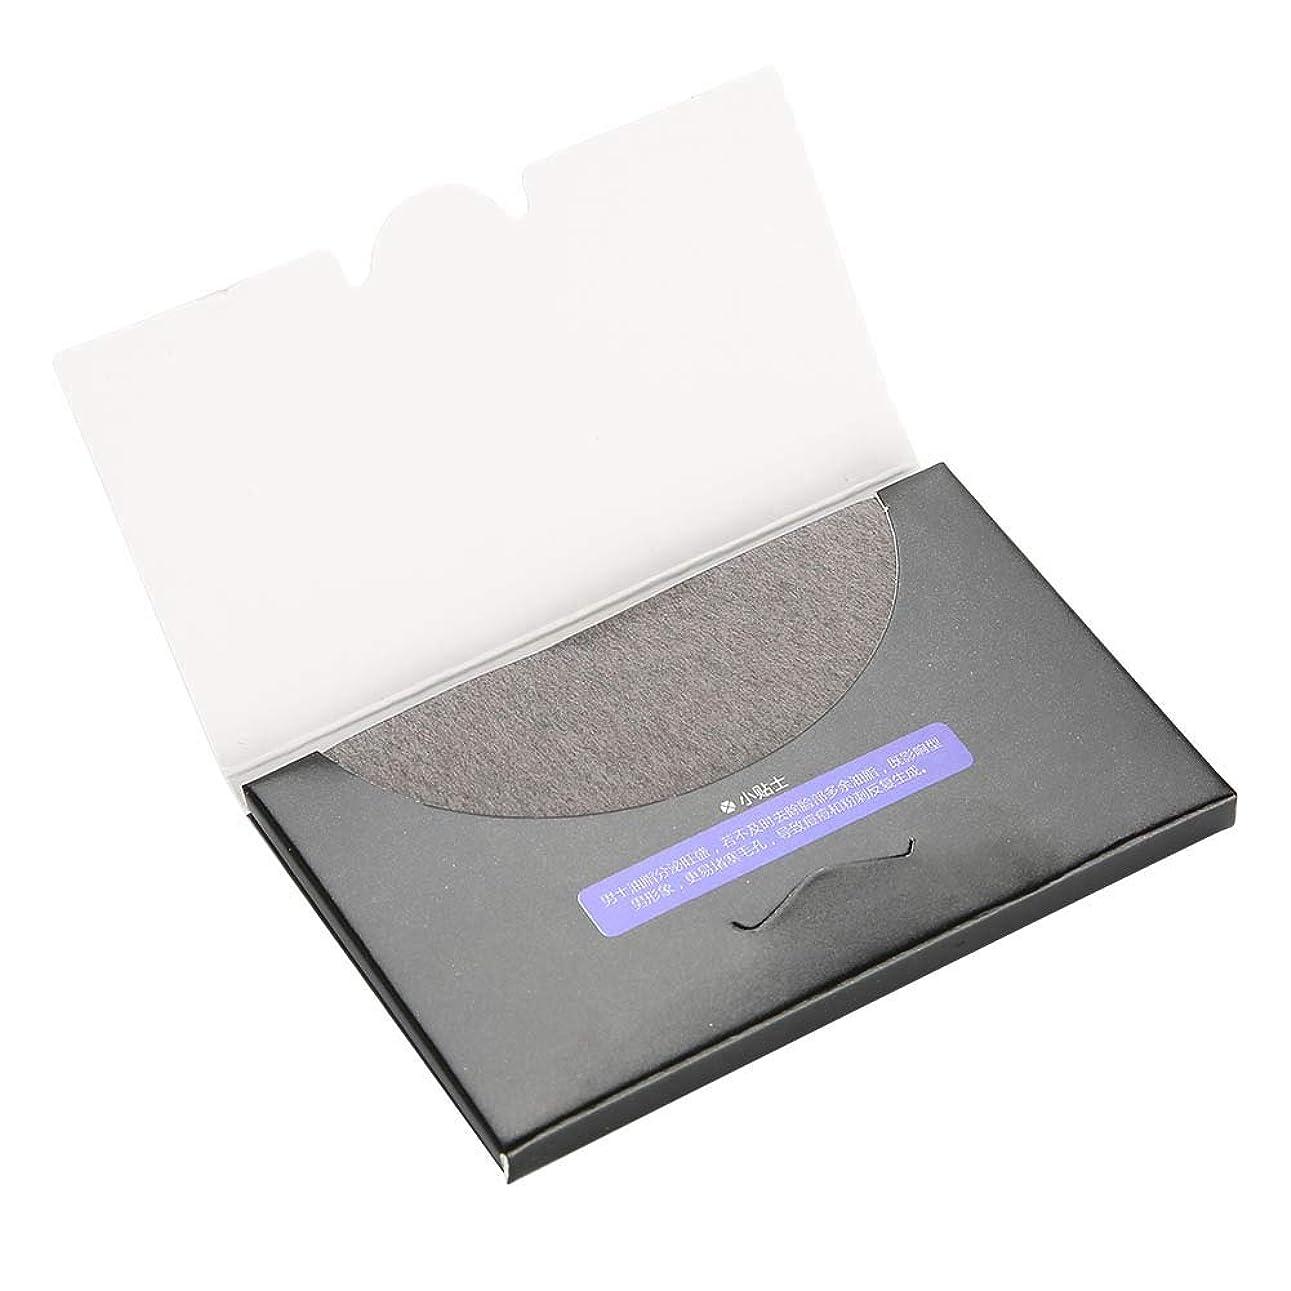 信念農場神の80枚/袋吸油布 - 化粧フィルムのクリーニング、吸い取り紙の消去 - きれいな吸い取り紙